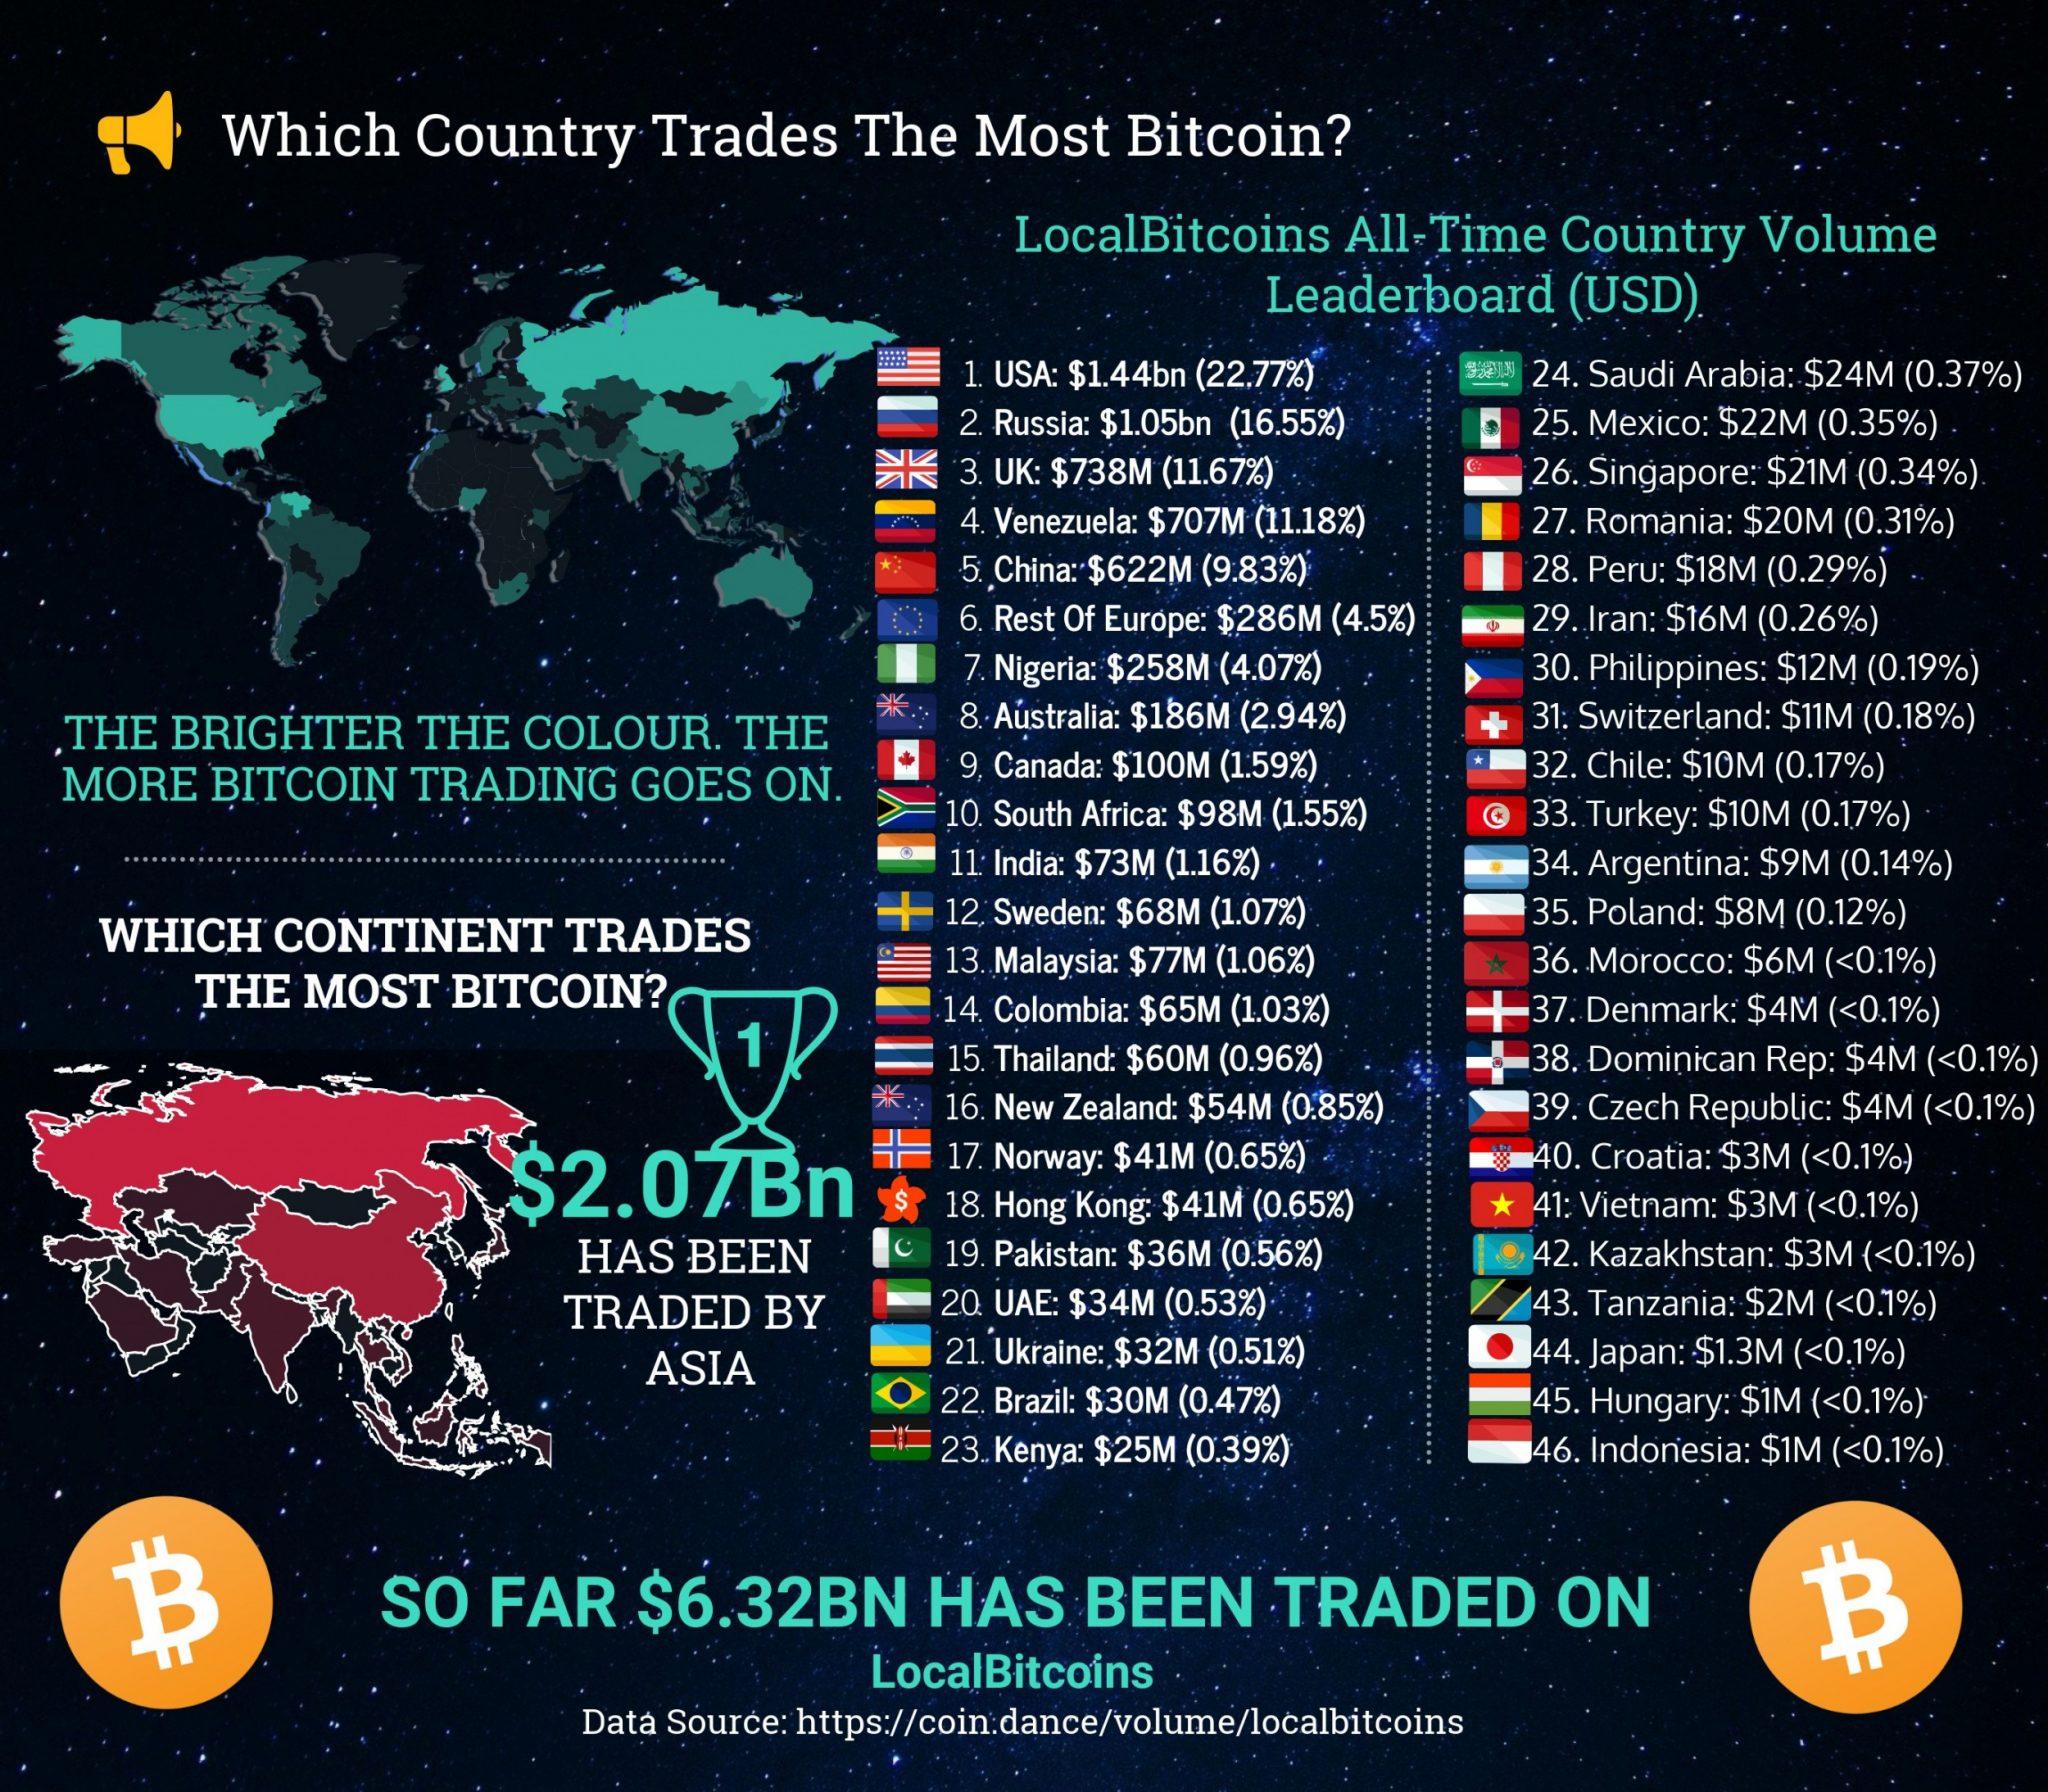 les pays qui échangent le plus de bitcoins sur localbitcoin